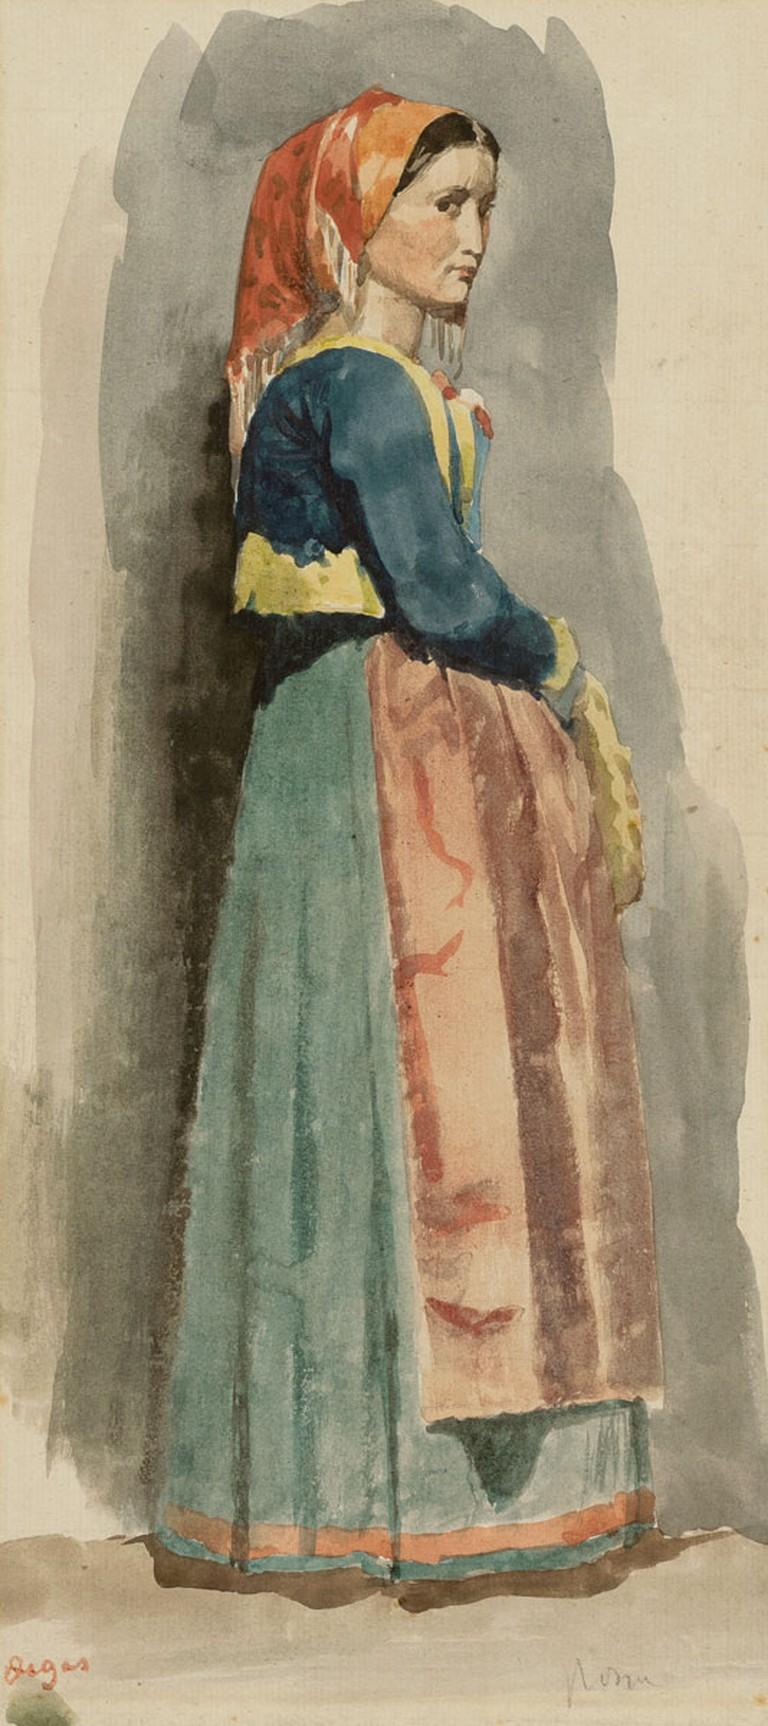 Edgar Degas, 'Italienne', 1856 | Courtesy The Lucas Museum